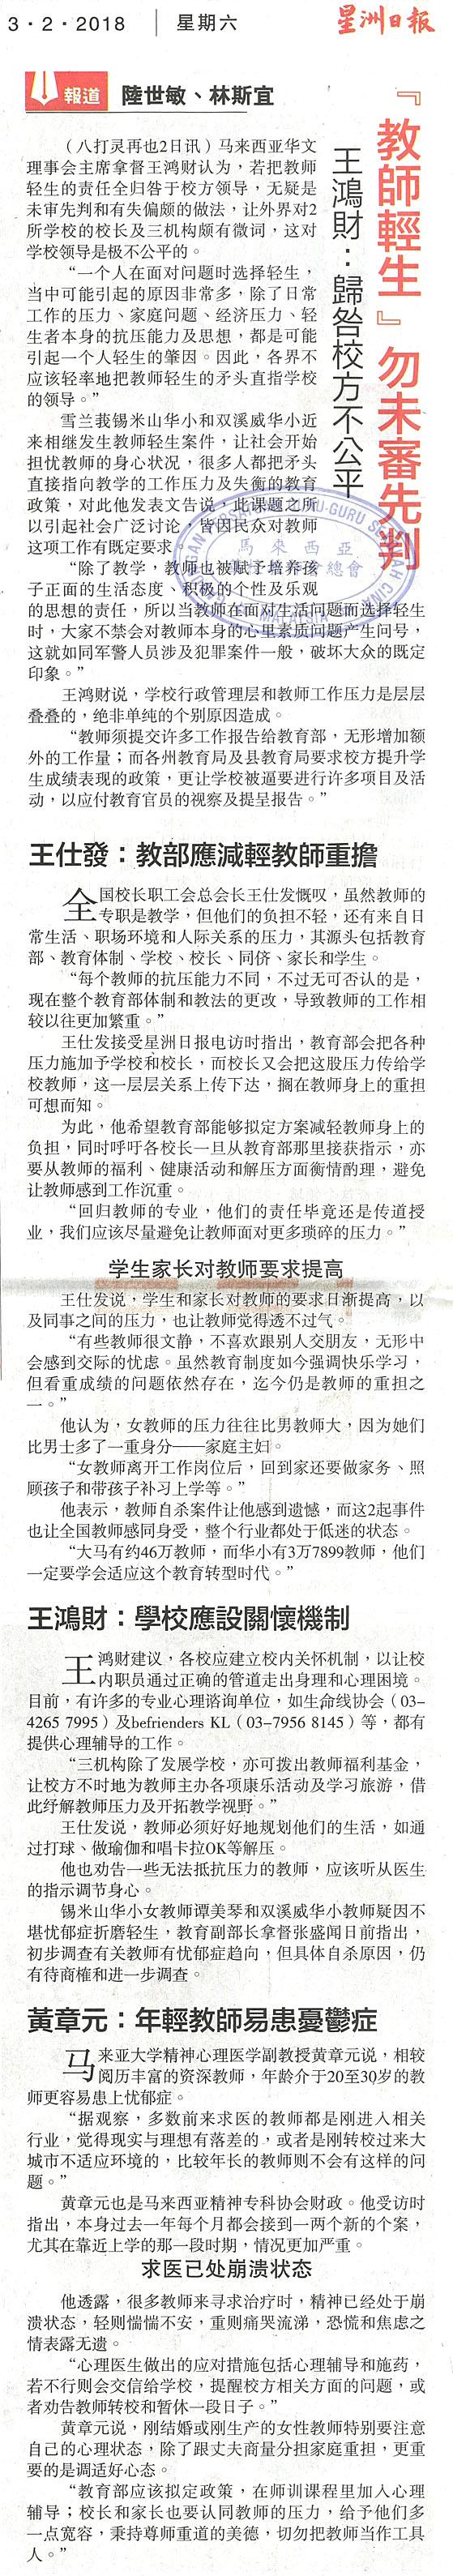 """王鸿财:归咎校方不公平""""教师轻生""""勿未审先判"""